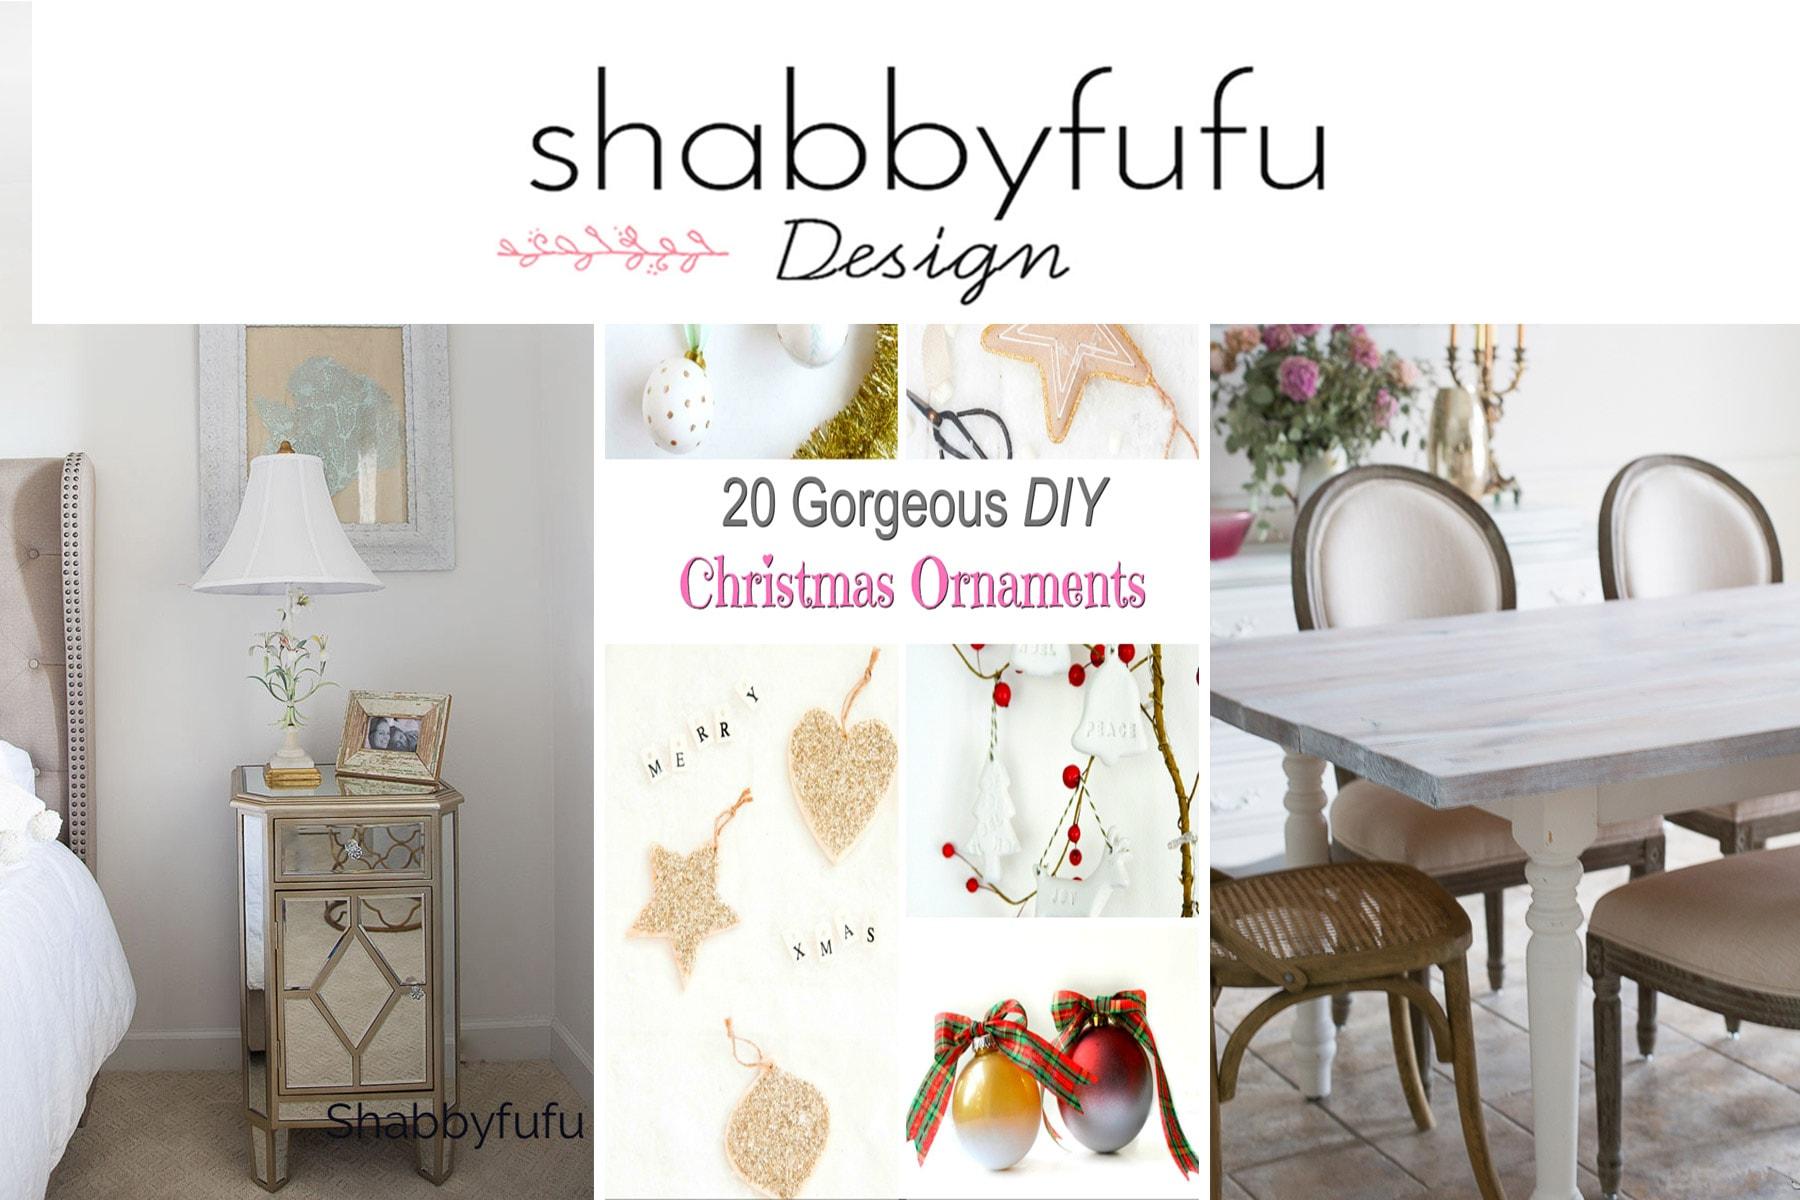 Shabbyfufu collage - Week 3